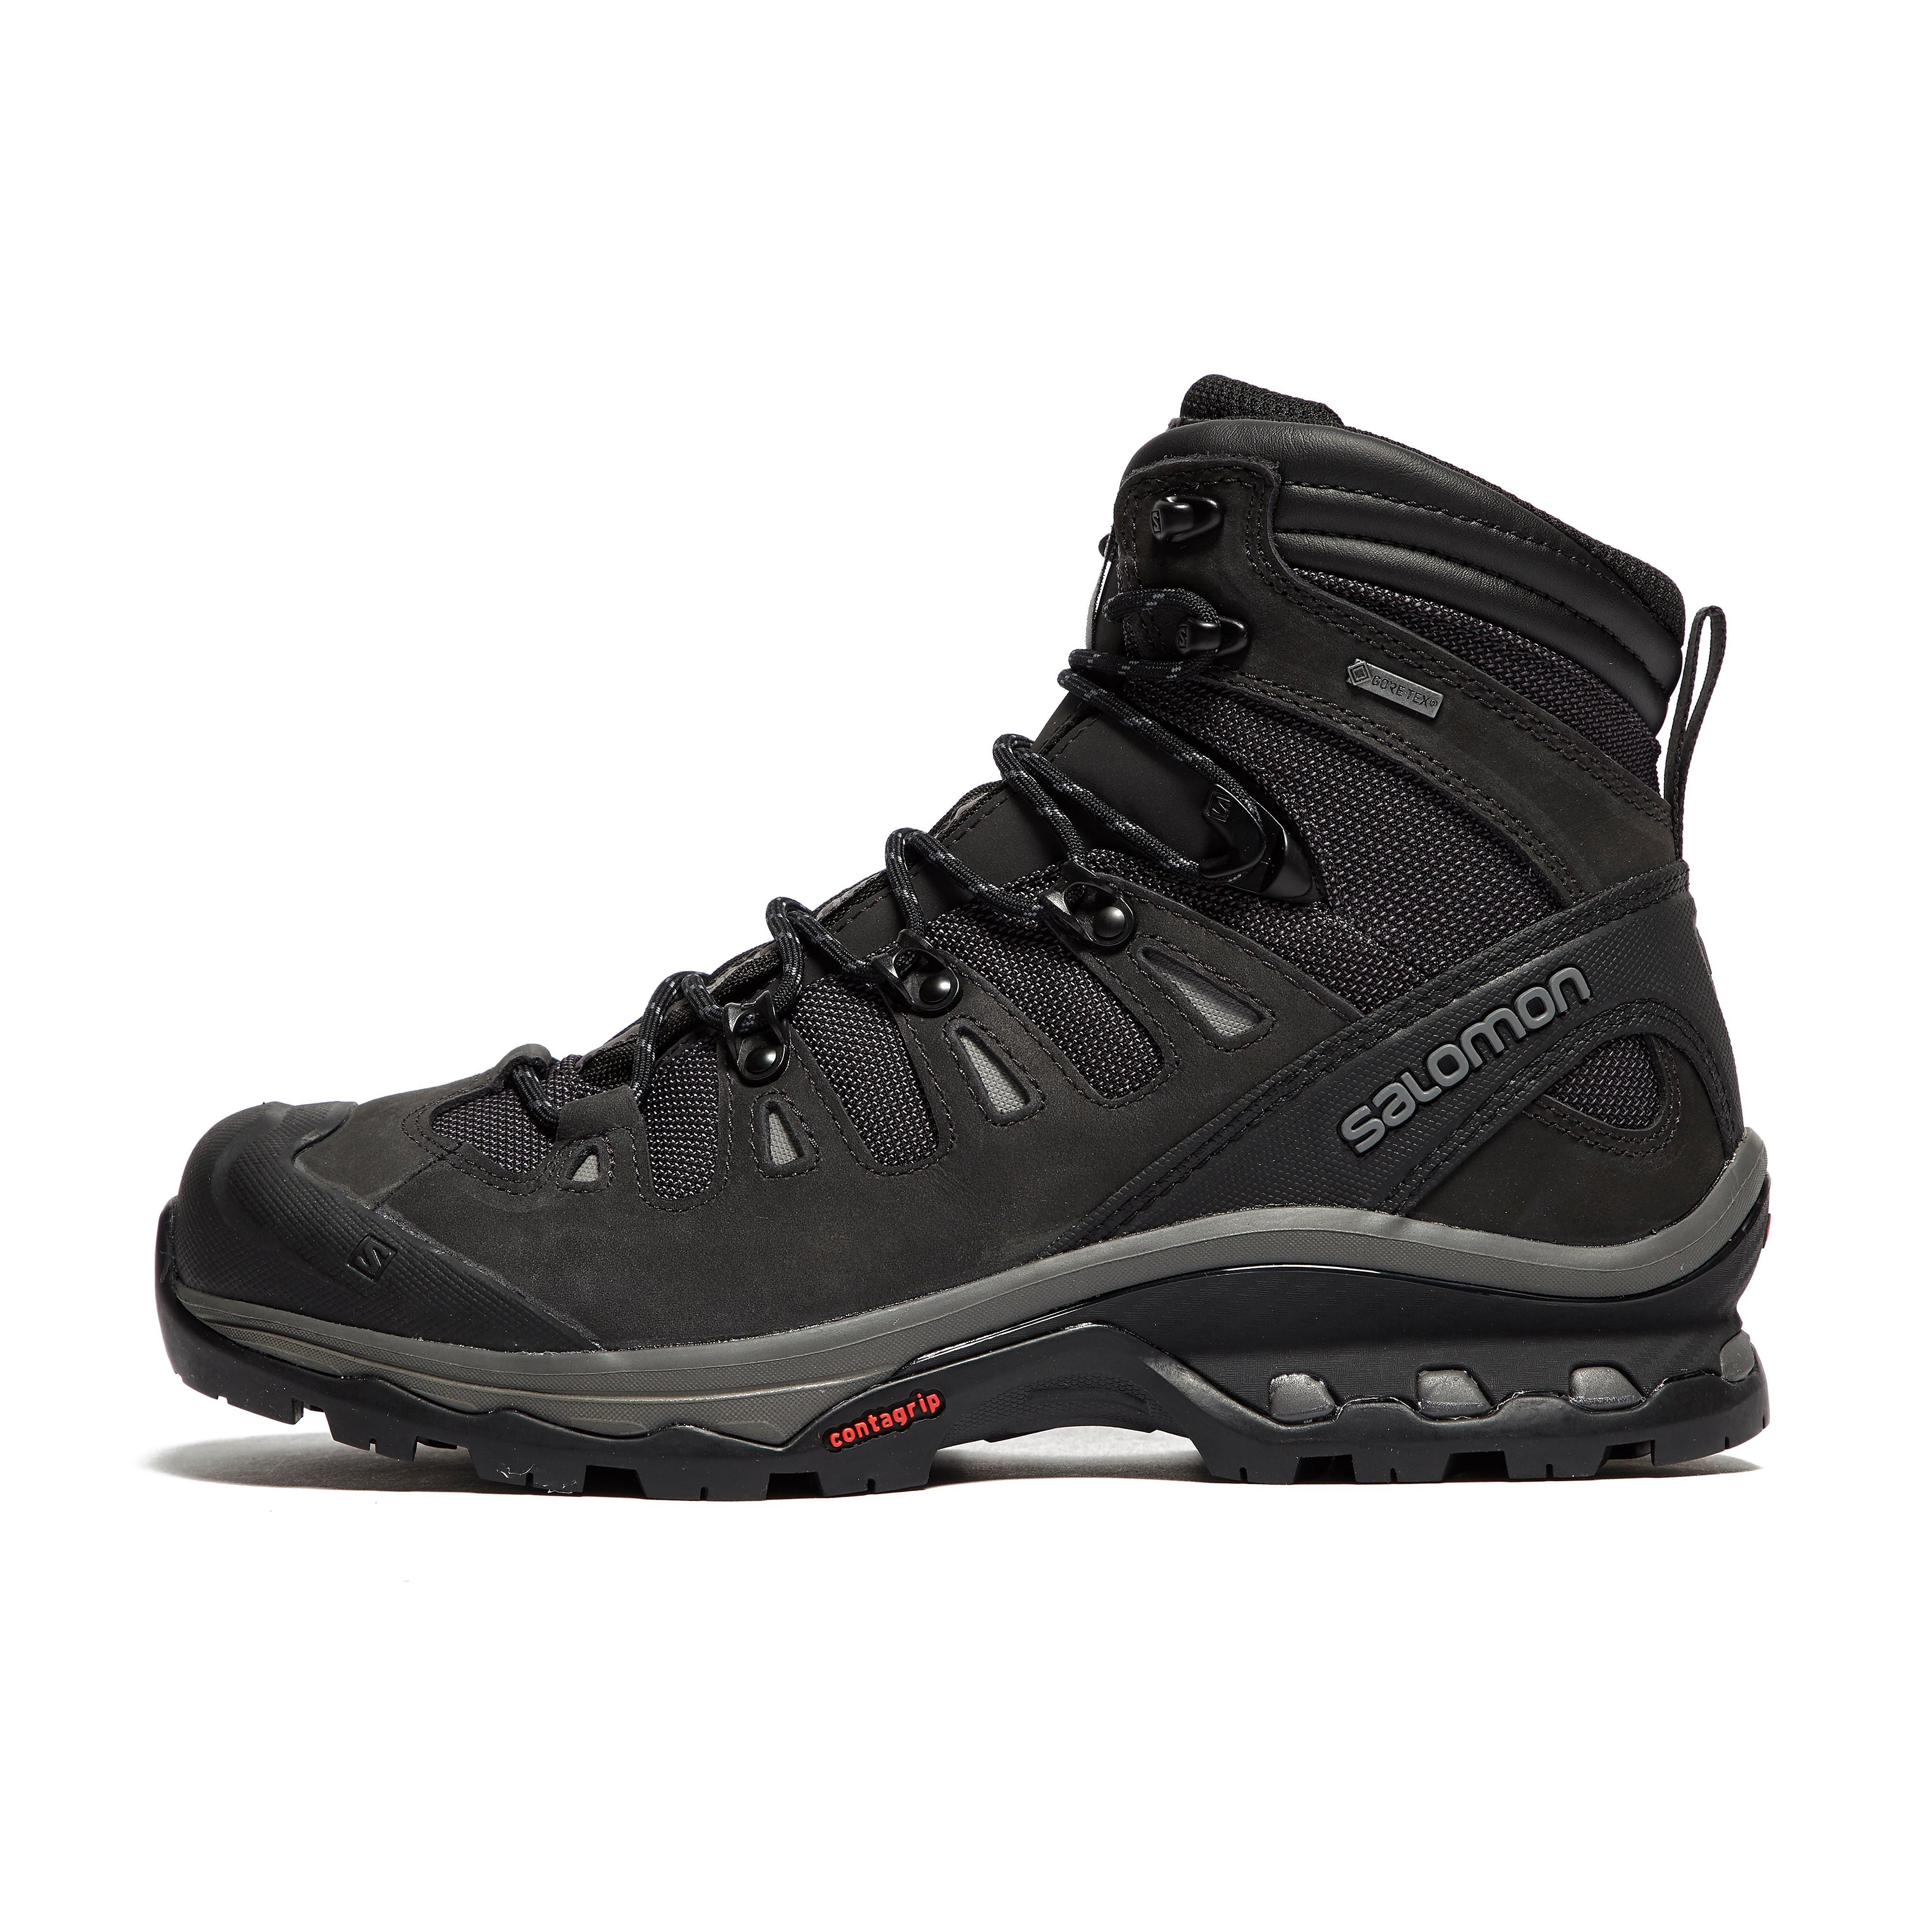 Salomon Quest 4D 3 GTX Men's Walking Boots